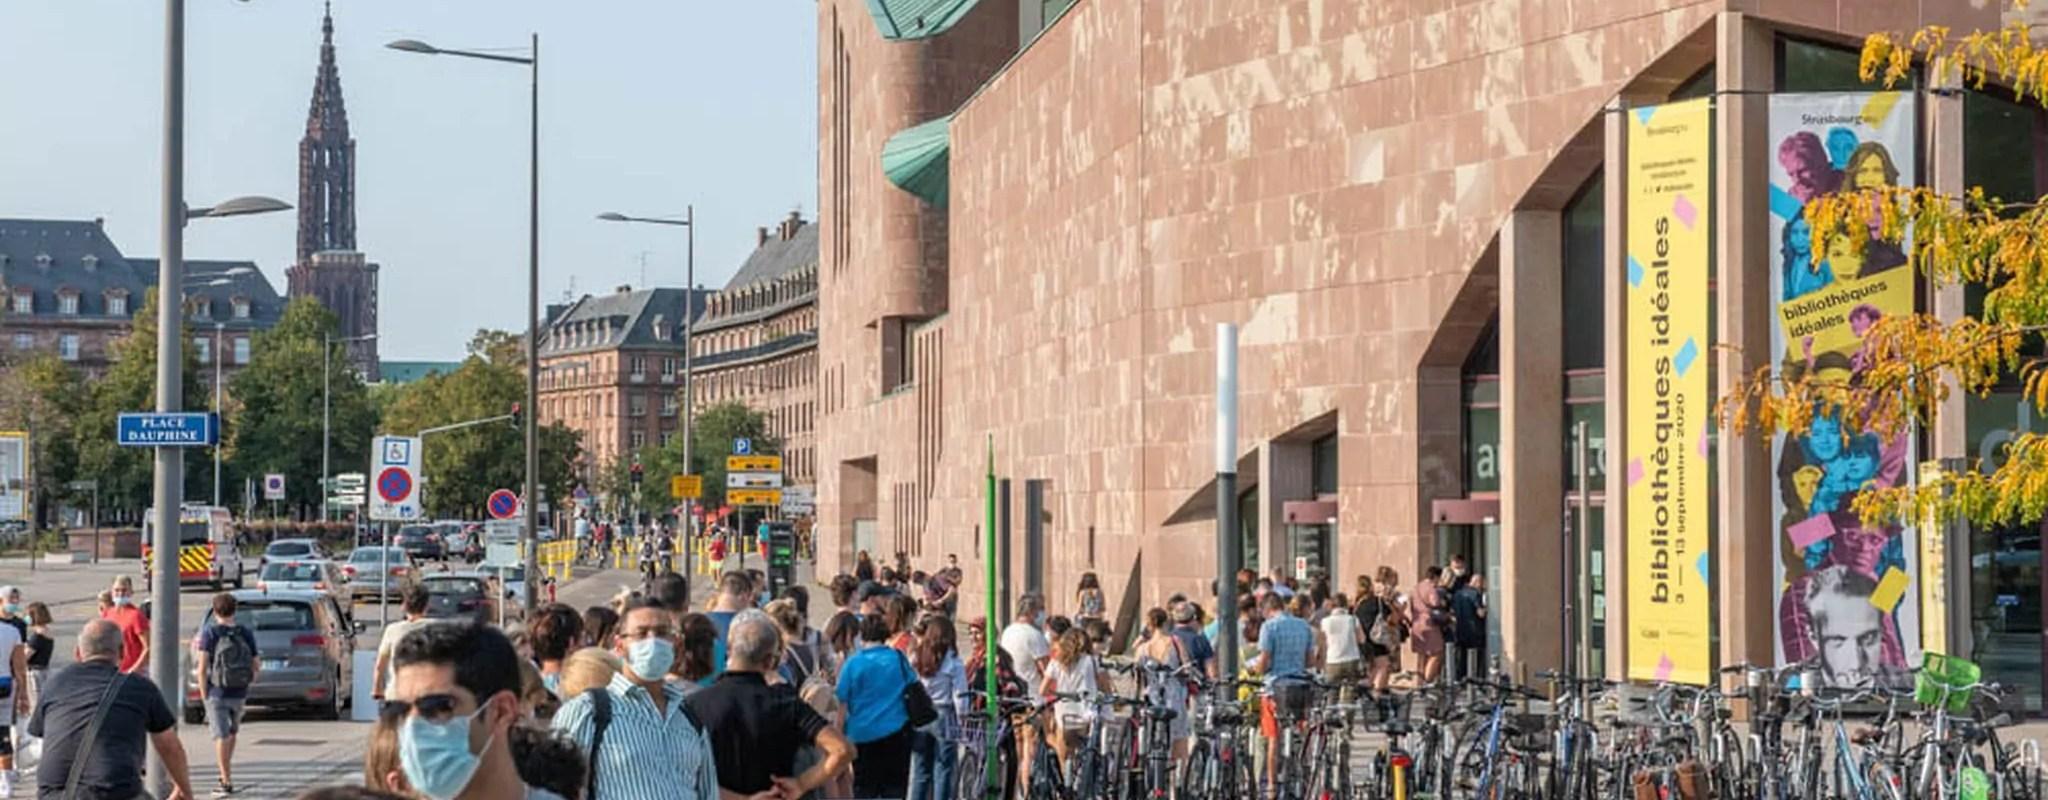 Les Bibliothèques idéales prennent le pouvoir dans 12 lieux en ville